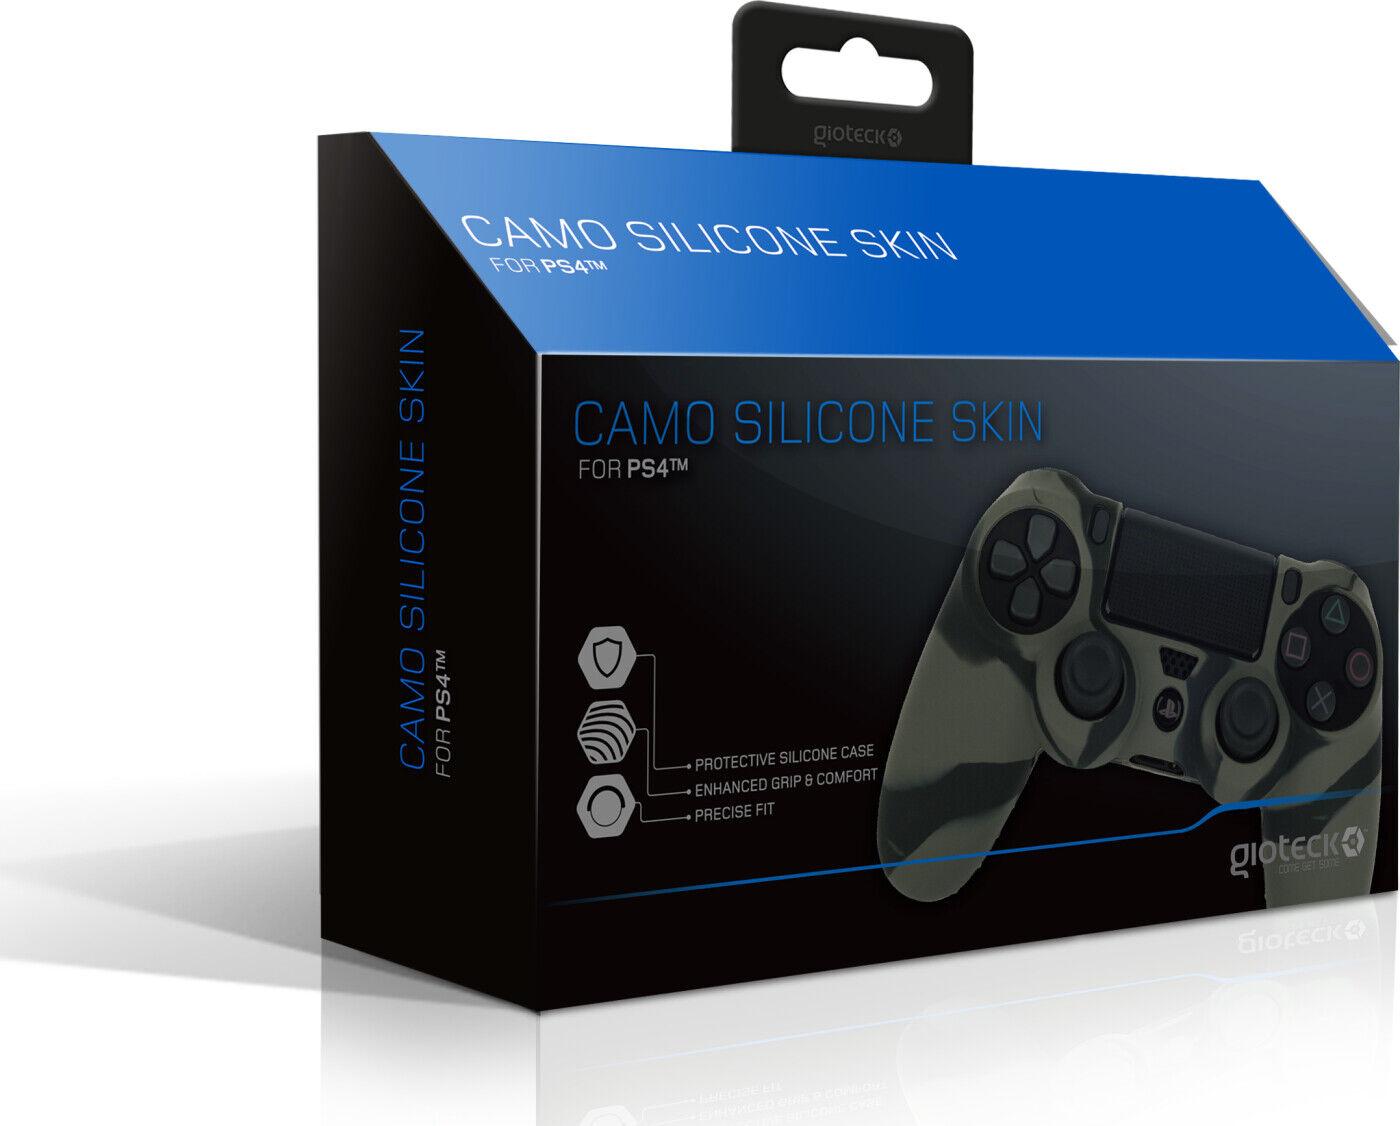 Gioteck - Ps4 Controller Skin - Camo Silicone